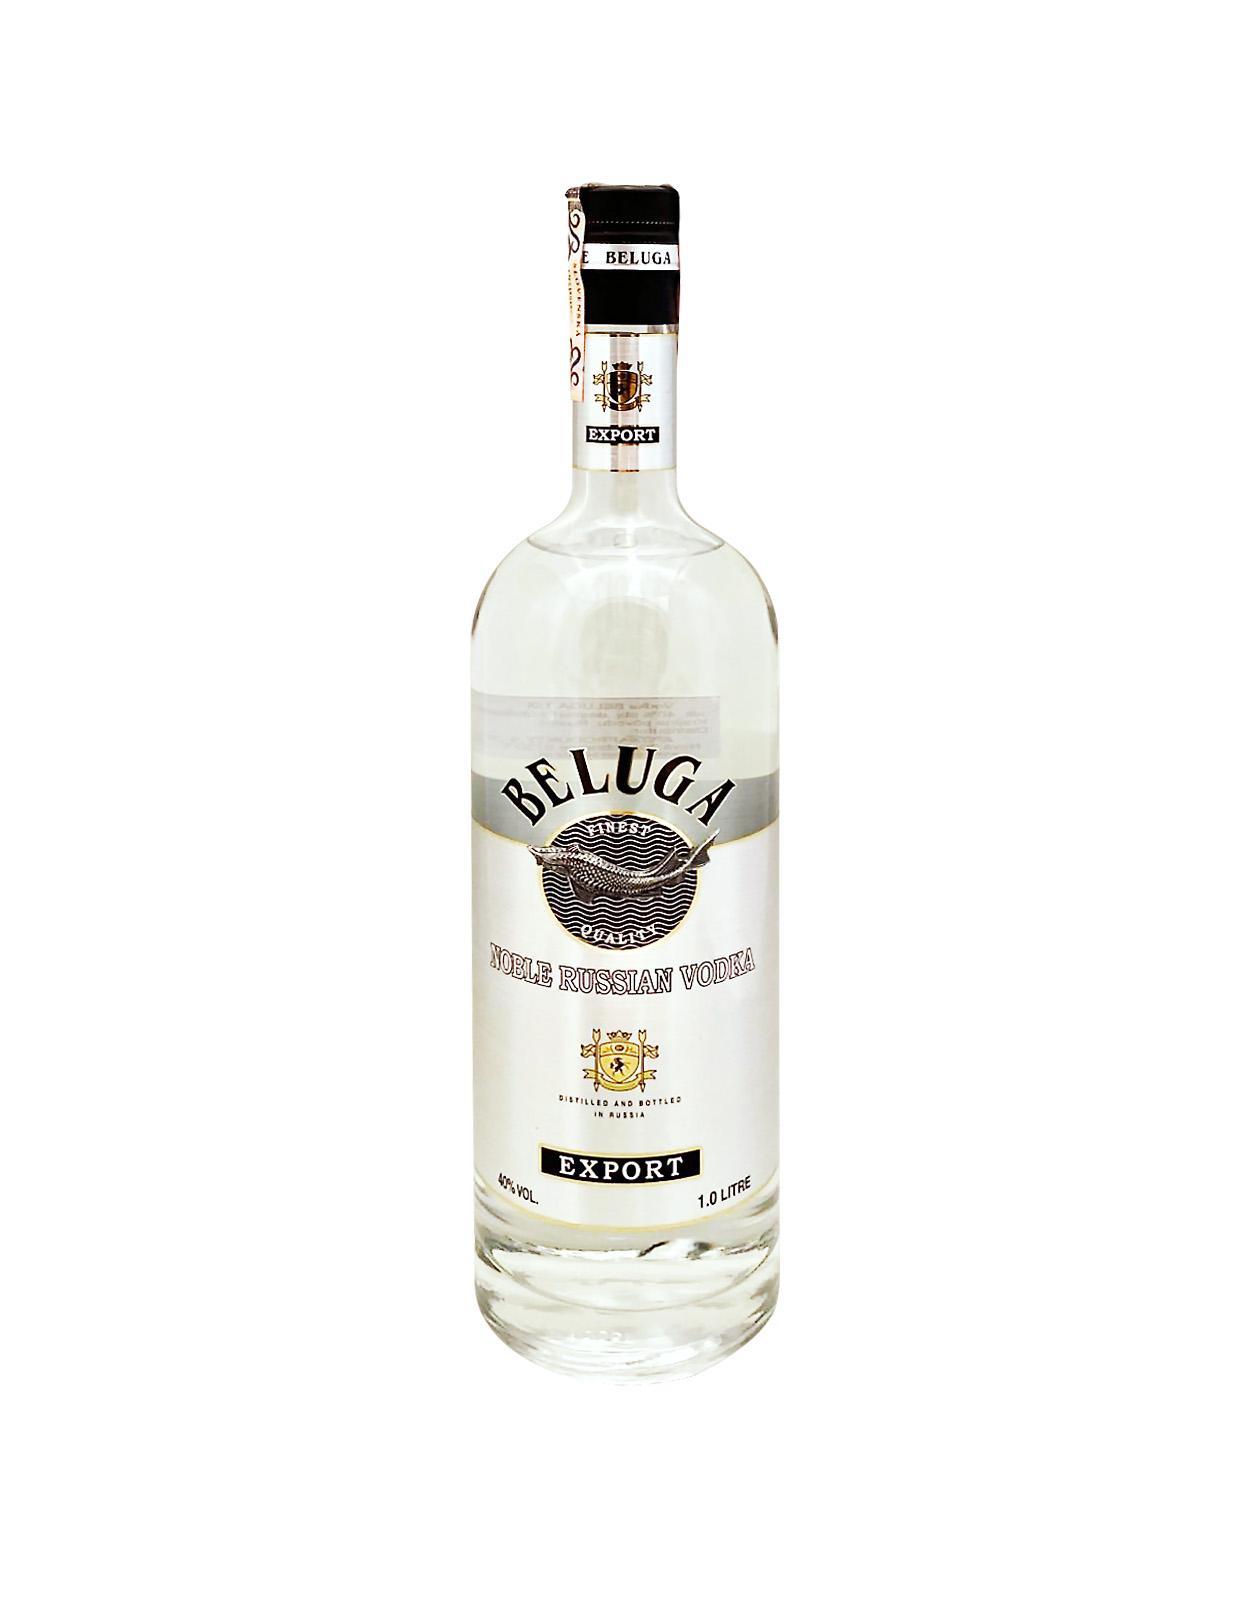 Beluga Vodka 40%, Bottleshop Sunny wines slnecnice mesto, petrzalka, Vodka, rozvoz alkoholu, eshop